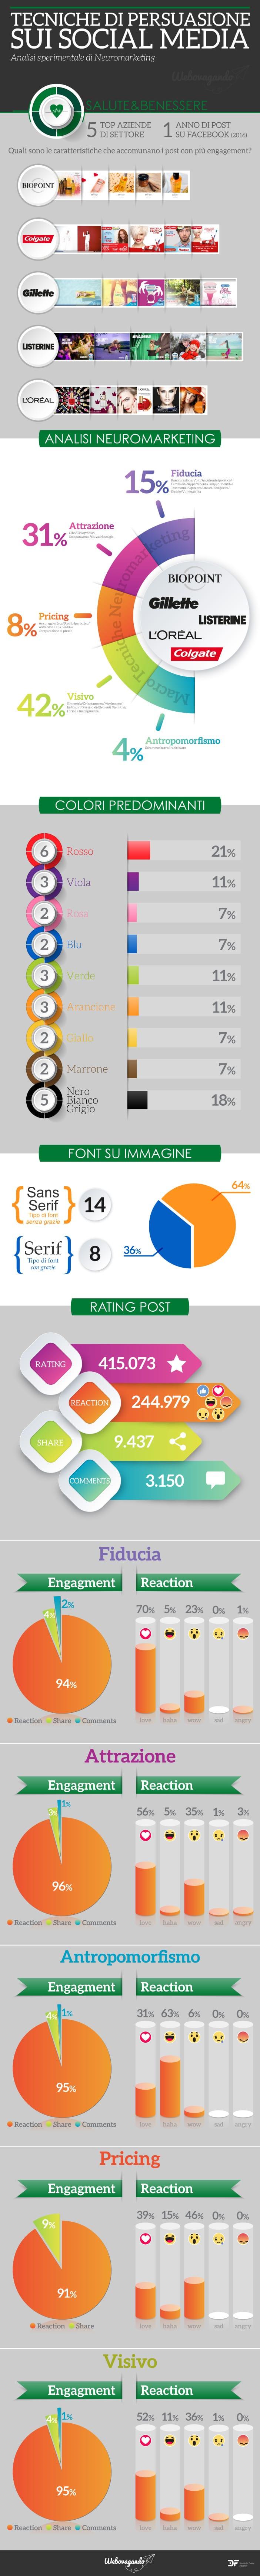 infografica tecniche di persuasione sui social media settore salute e benessere